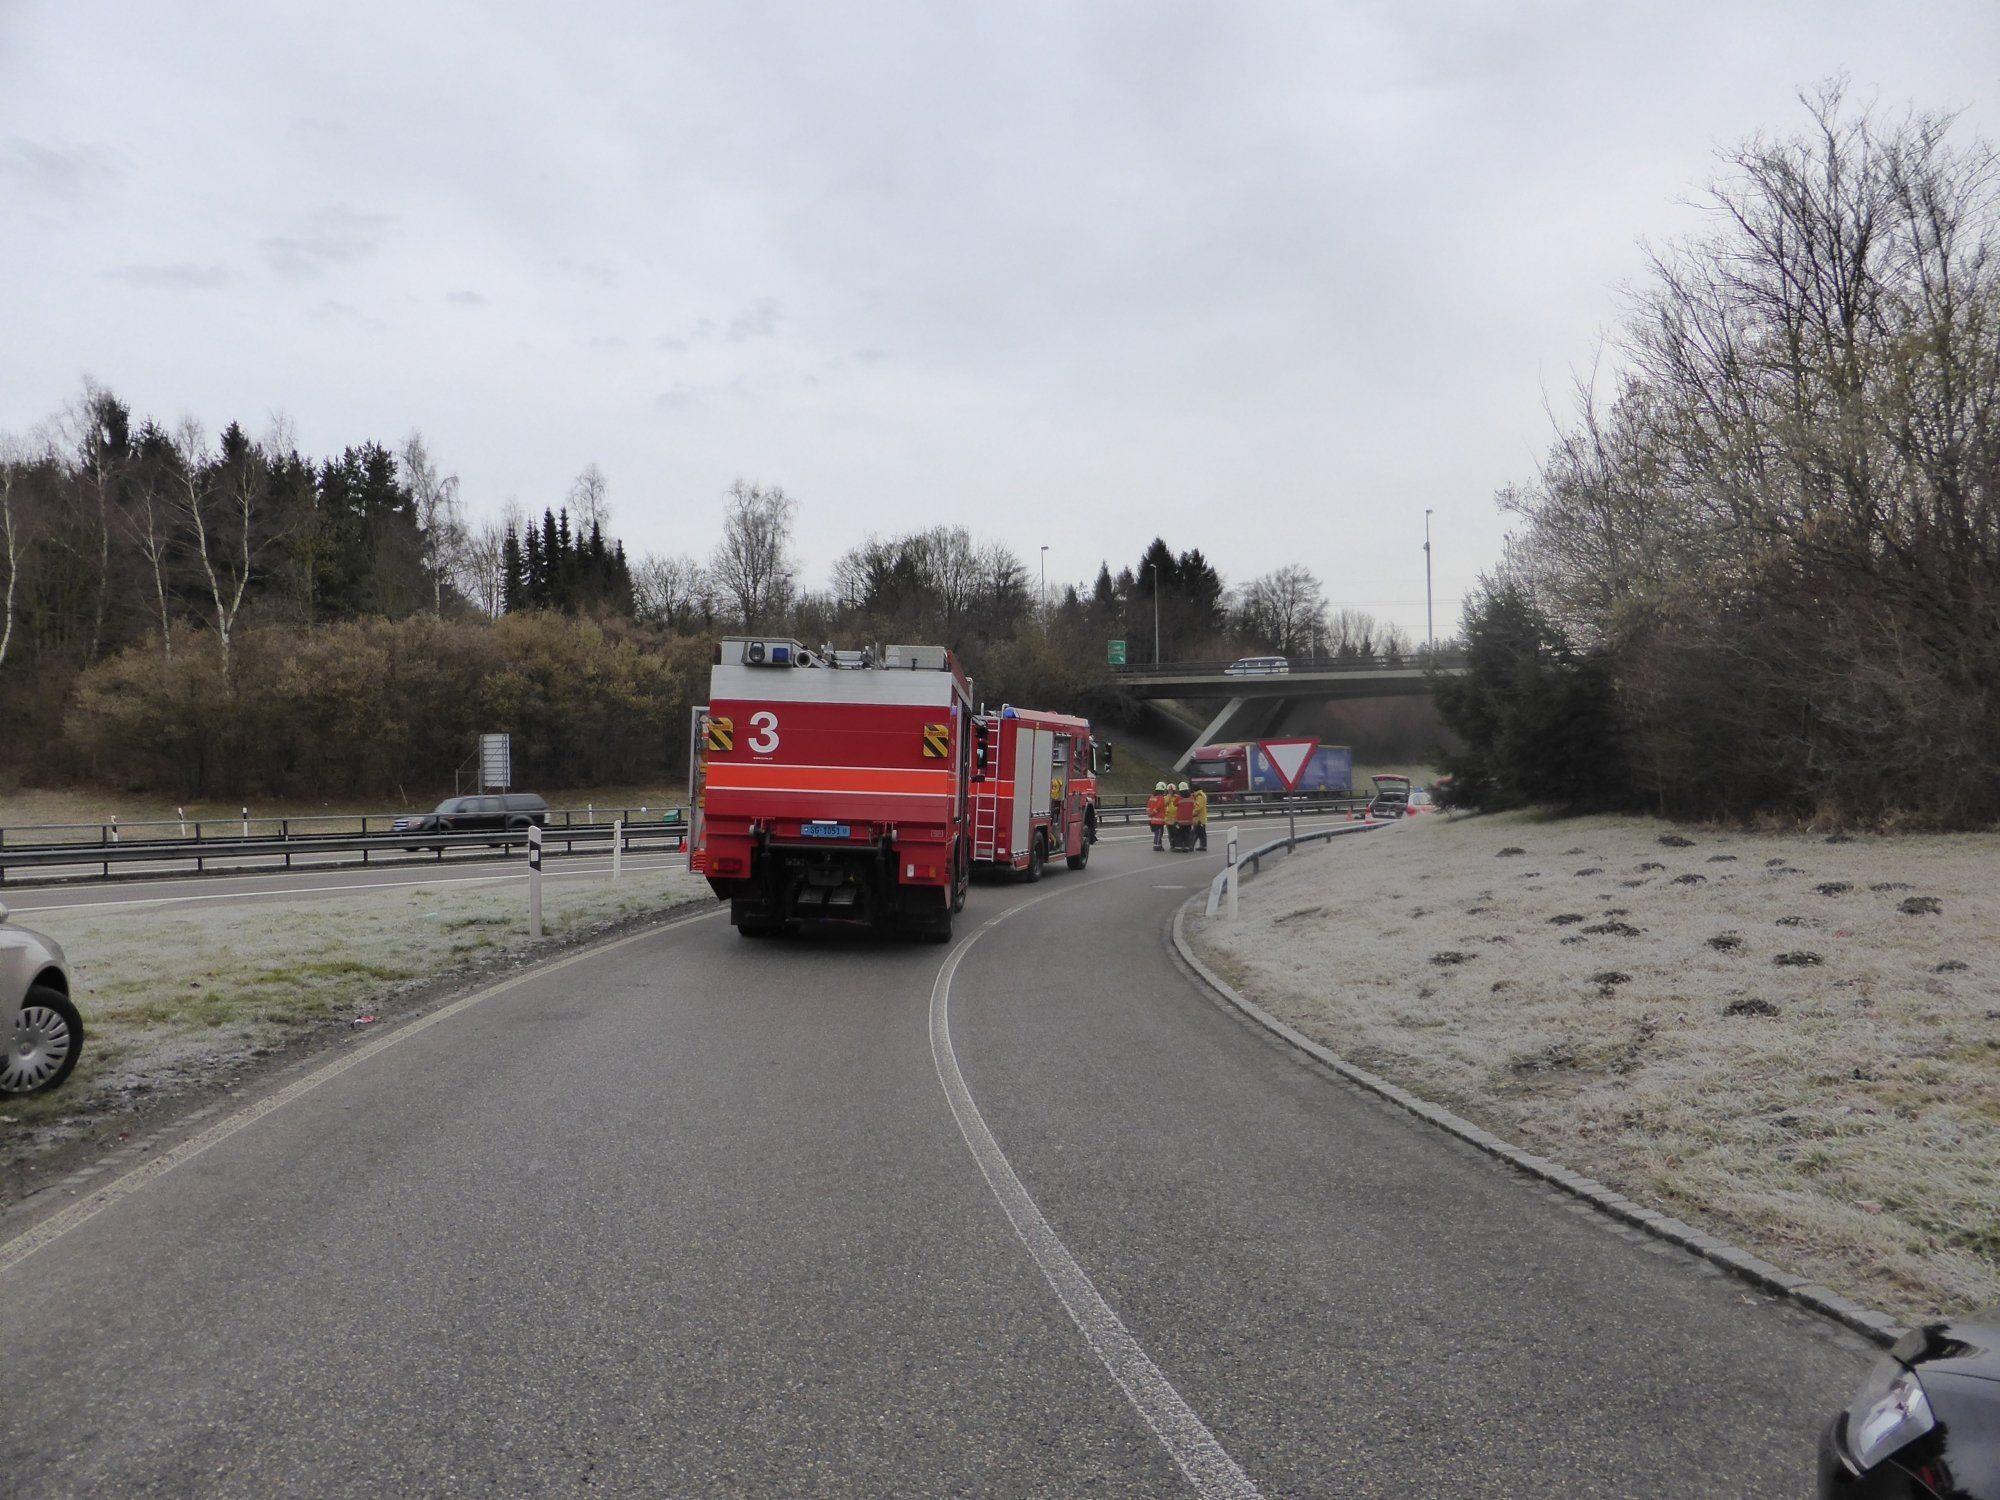 Tödlicher Unfall auf Schweizer A1 - Polizei sucht Zeugen.